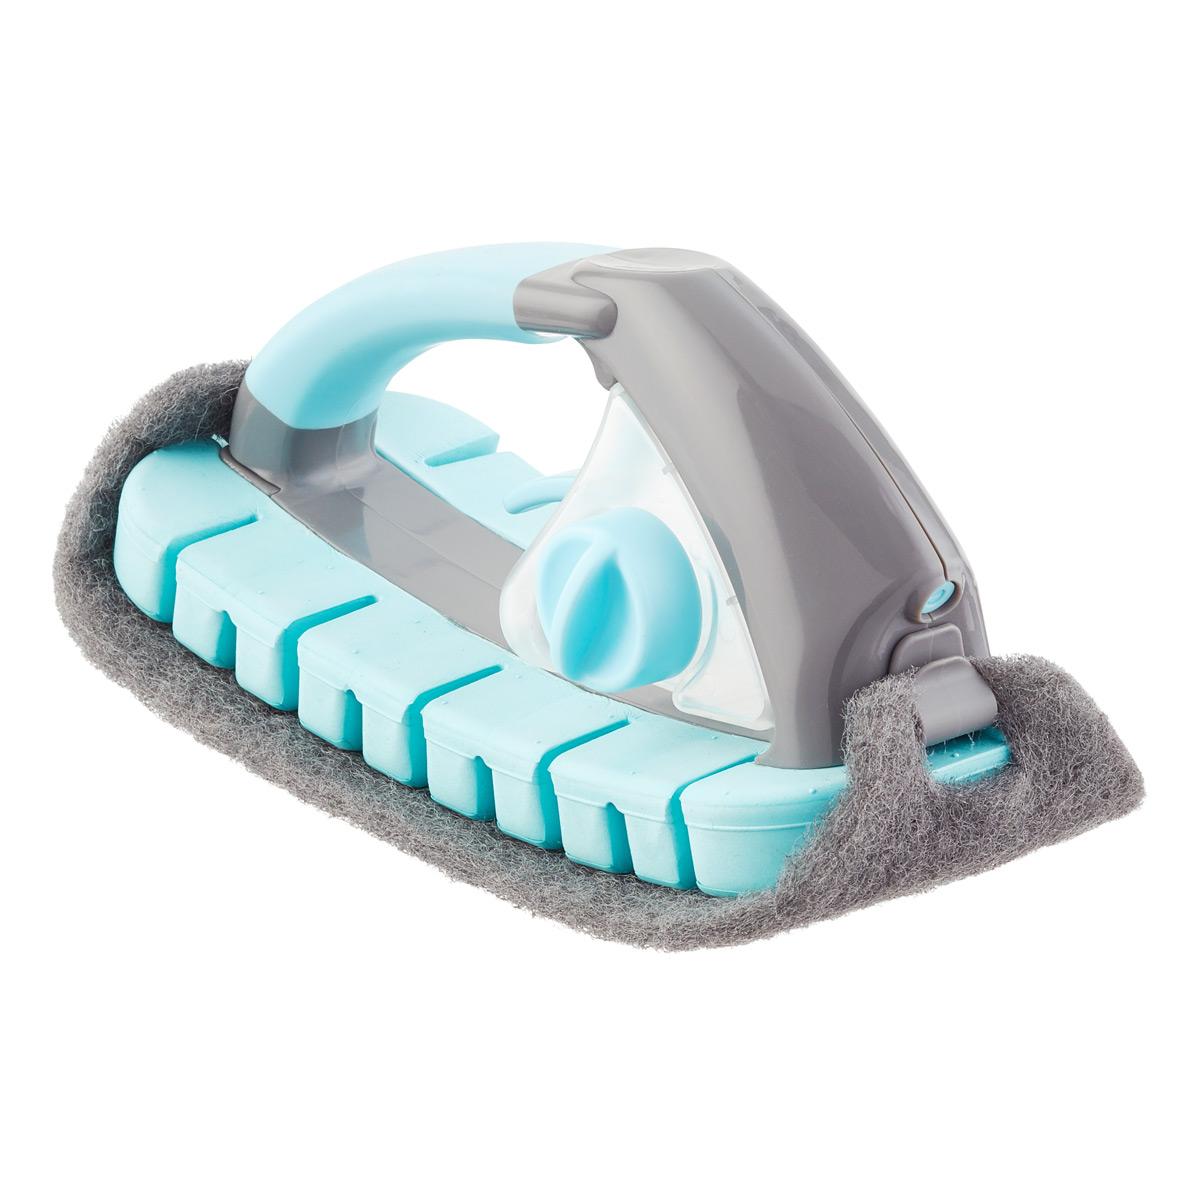 Flex Dispensing Scrubber